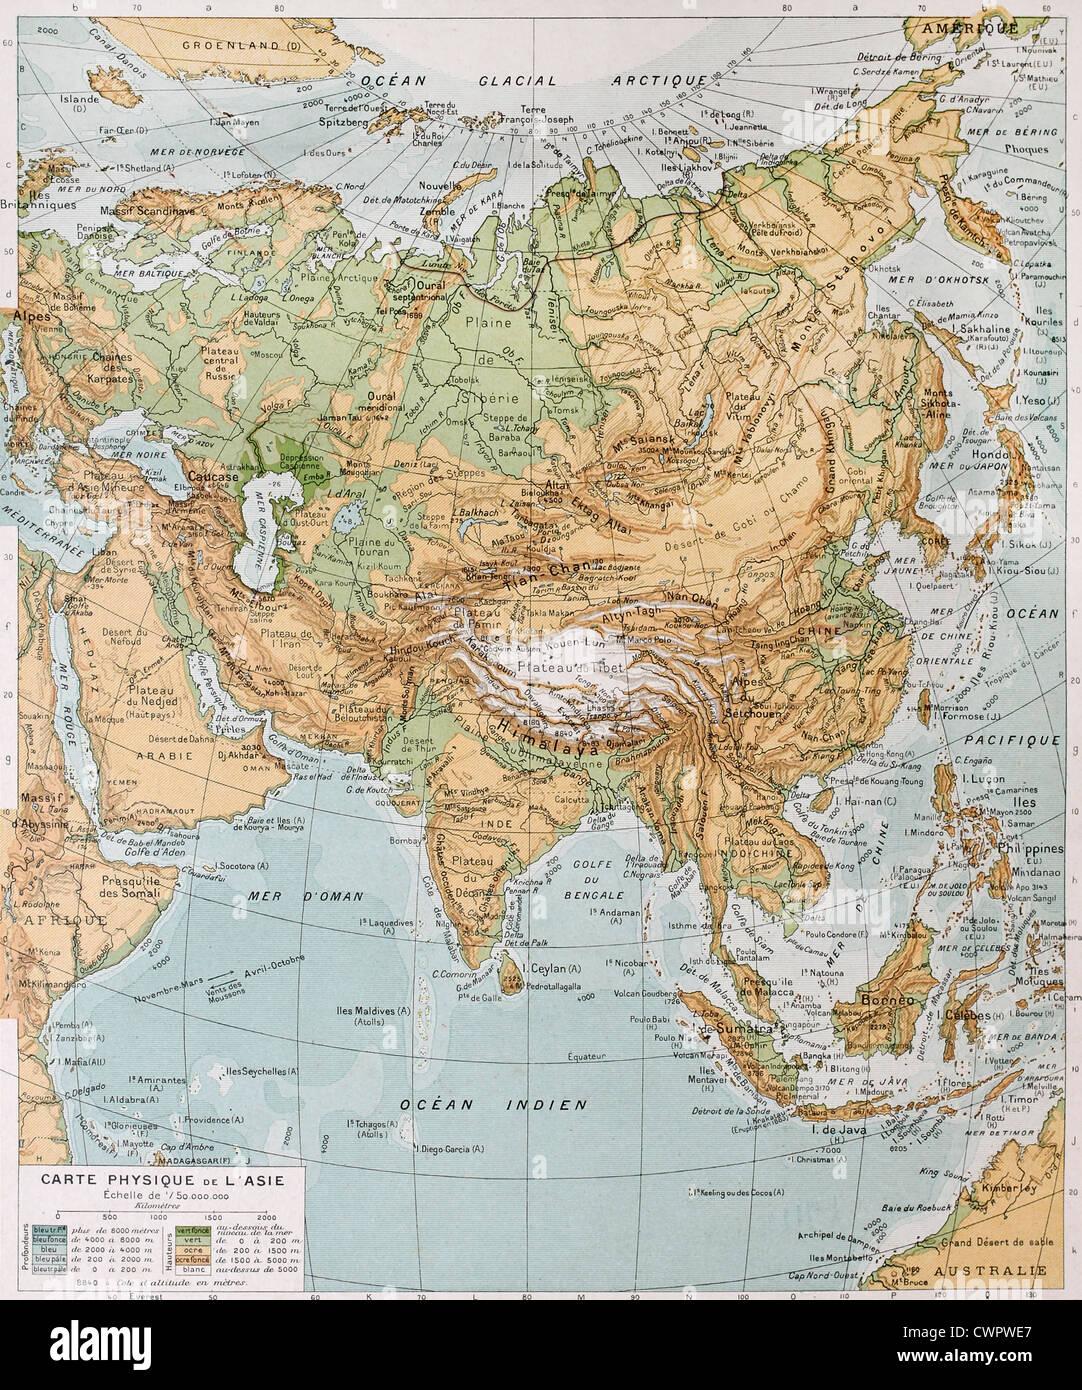 Karte Asien.Physische Karte Von Asien Stockfoto Bild 50290079 Alamy